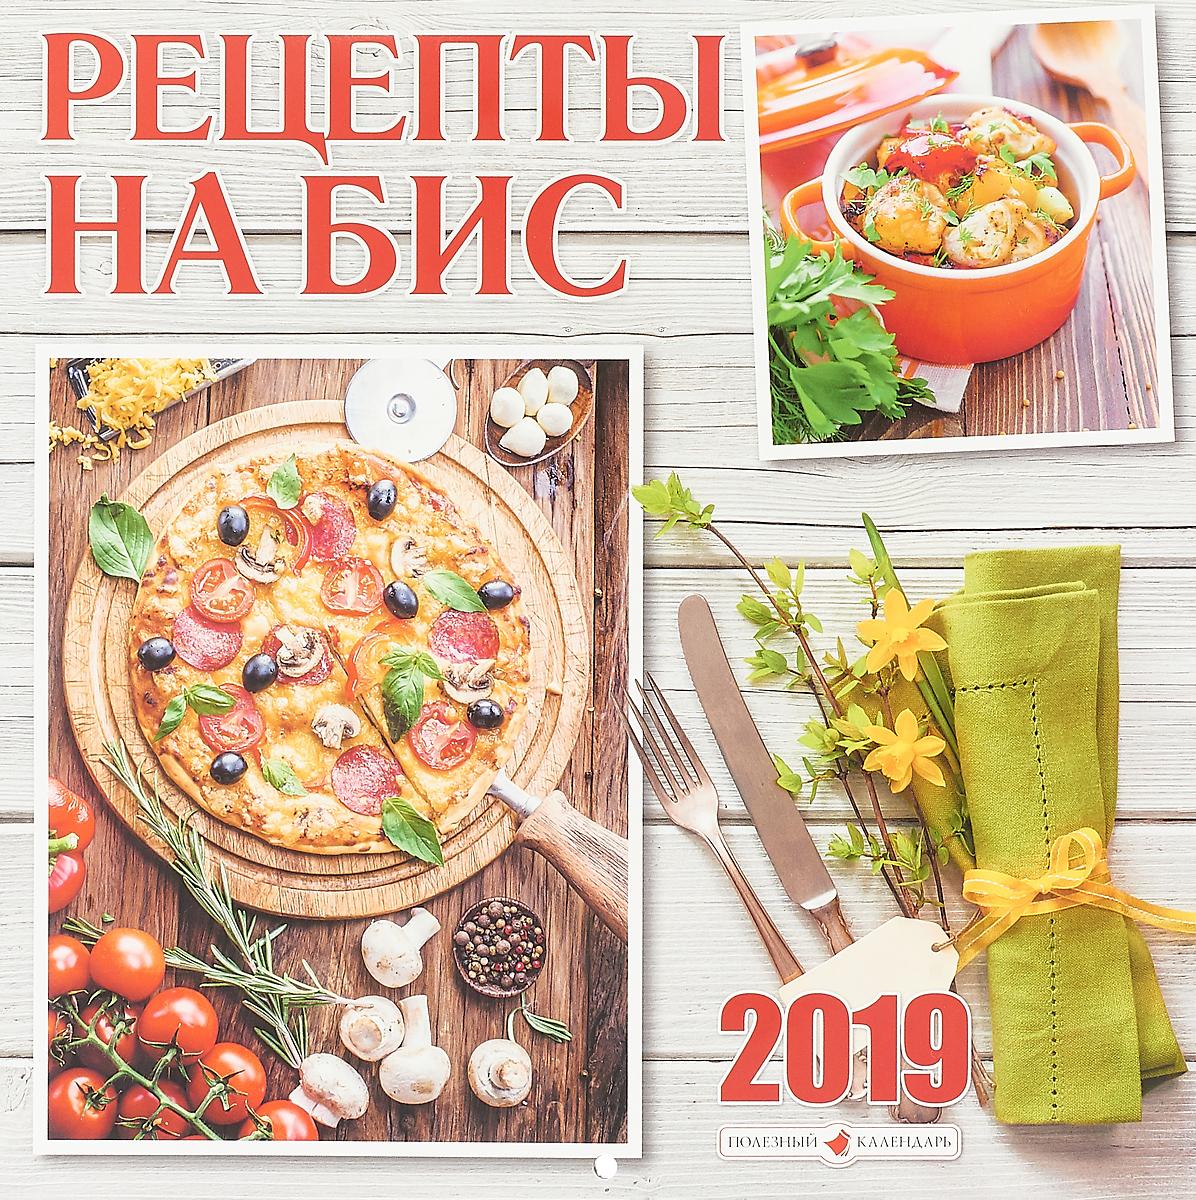 Календарь перекидной на 2019 год. Рецепты на бис календарь перекидной на 2019 год кошачье семейство